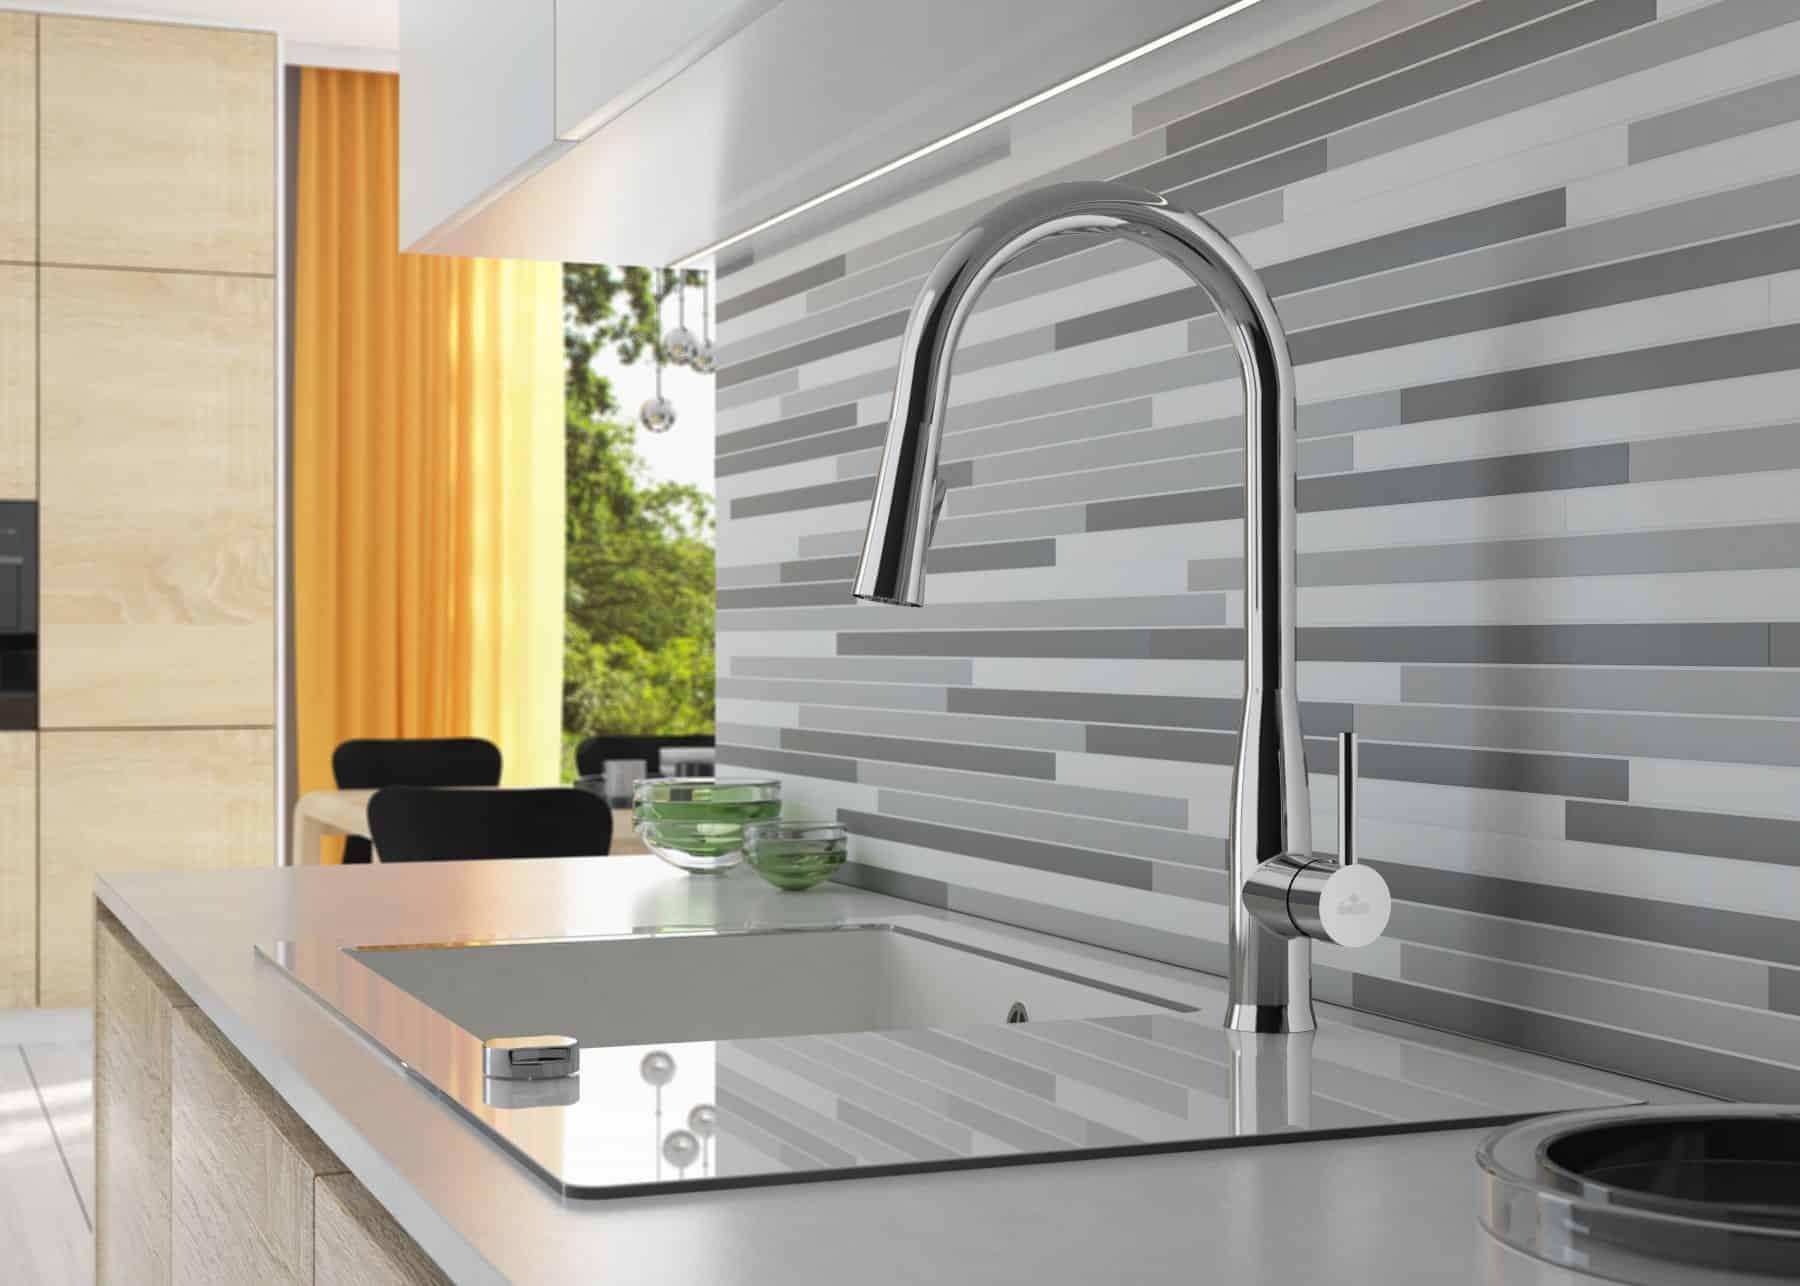 Witte keukenkraan affordable elegant klassieke keukenkraan met